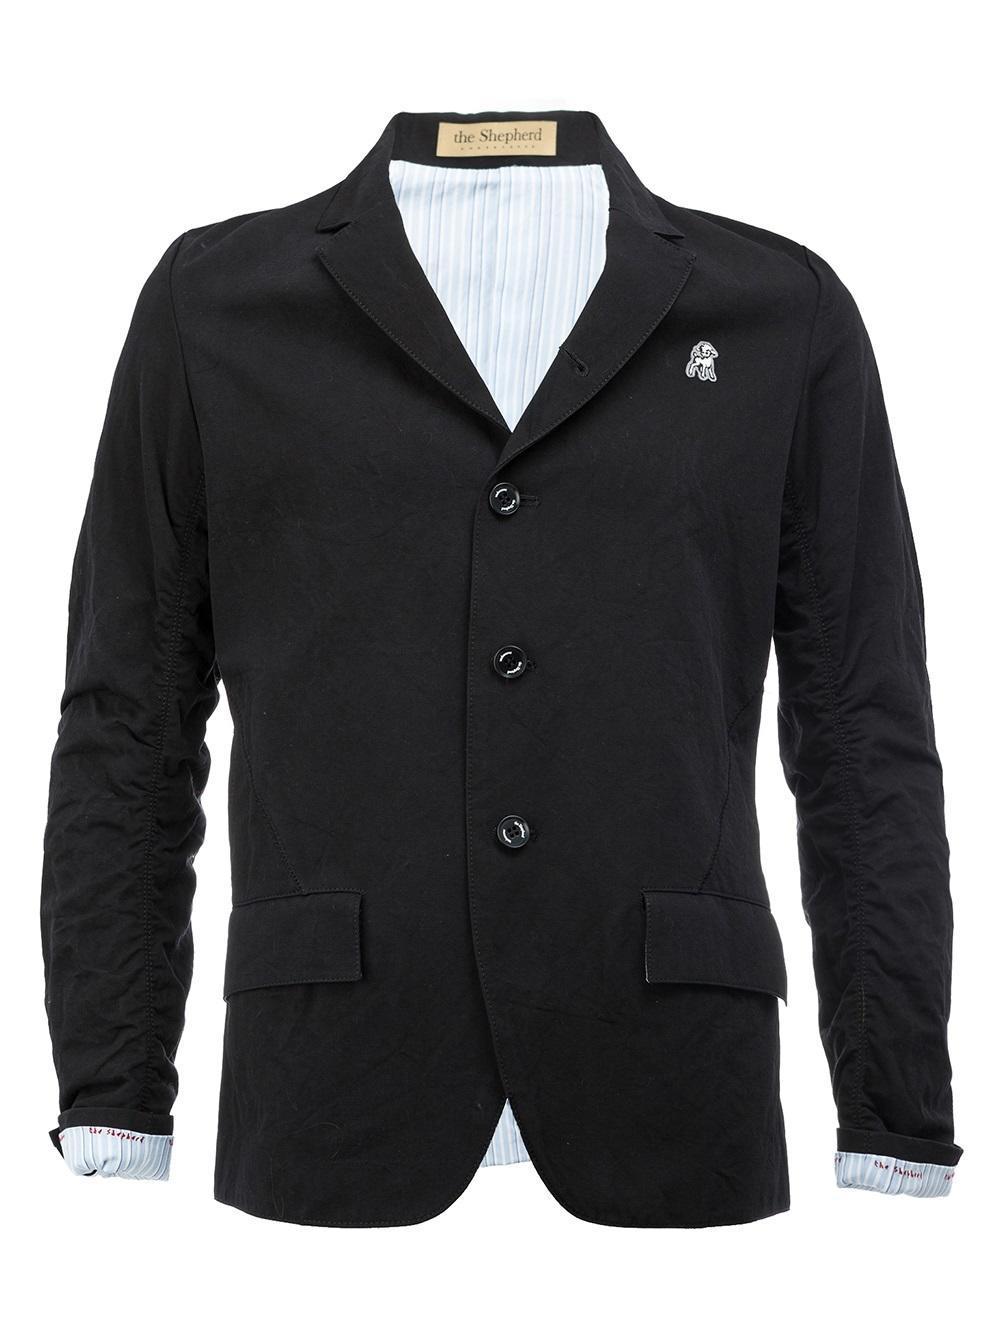 Lyst Undercover The Shepherd Blazer In Black For Men